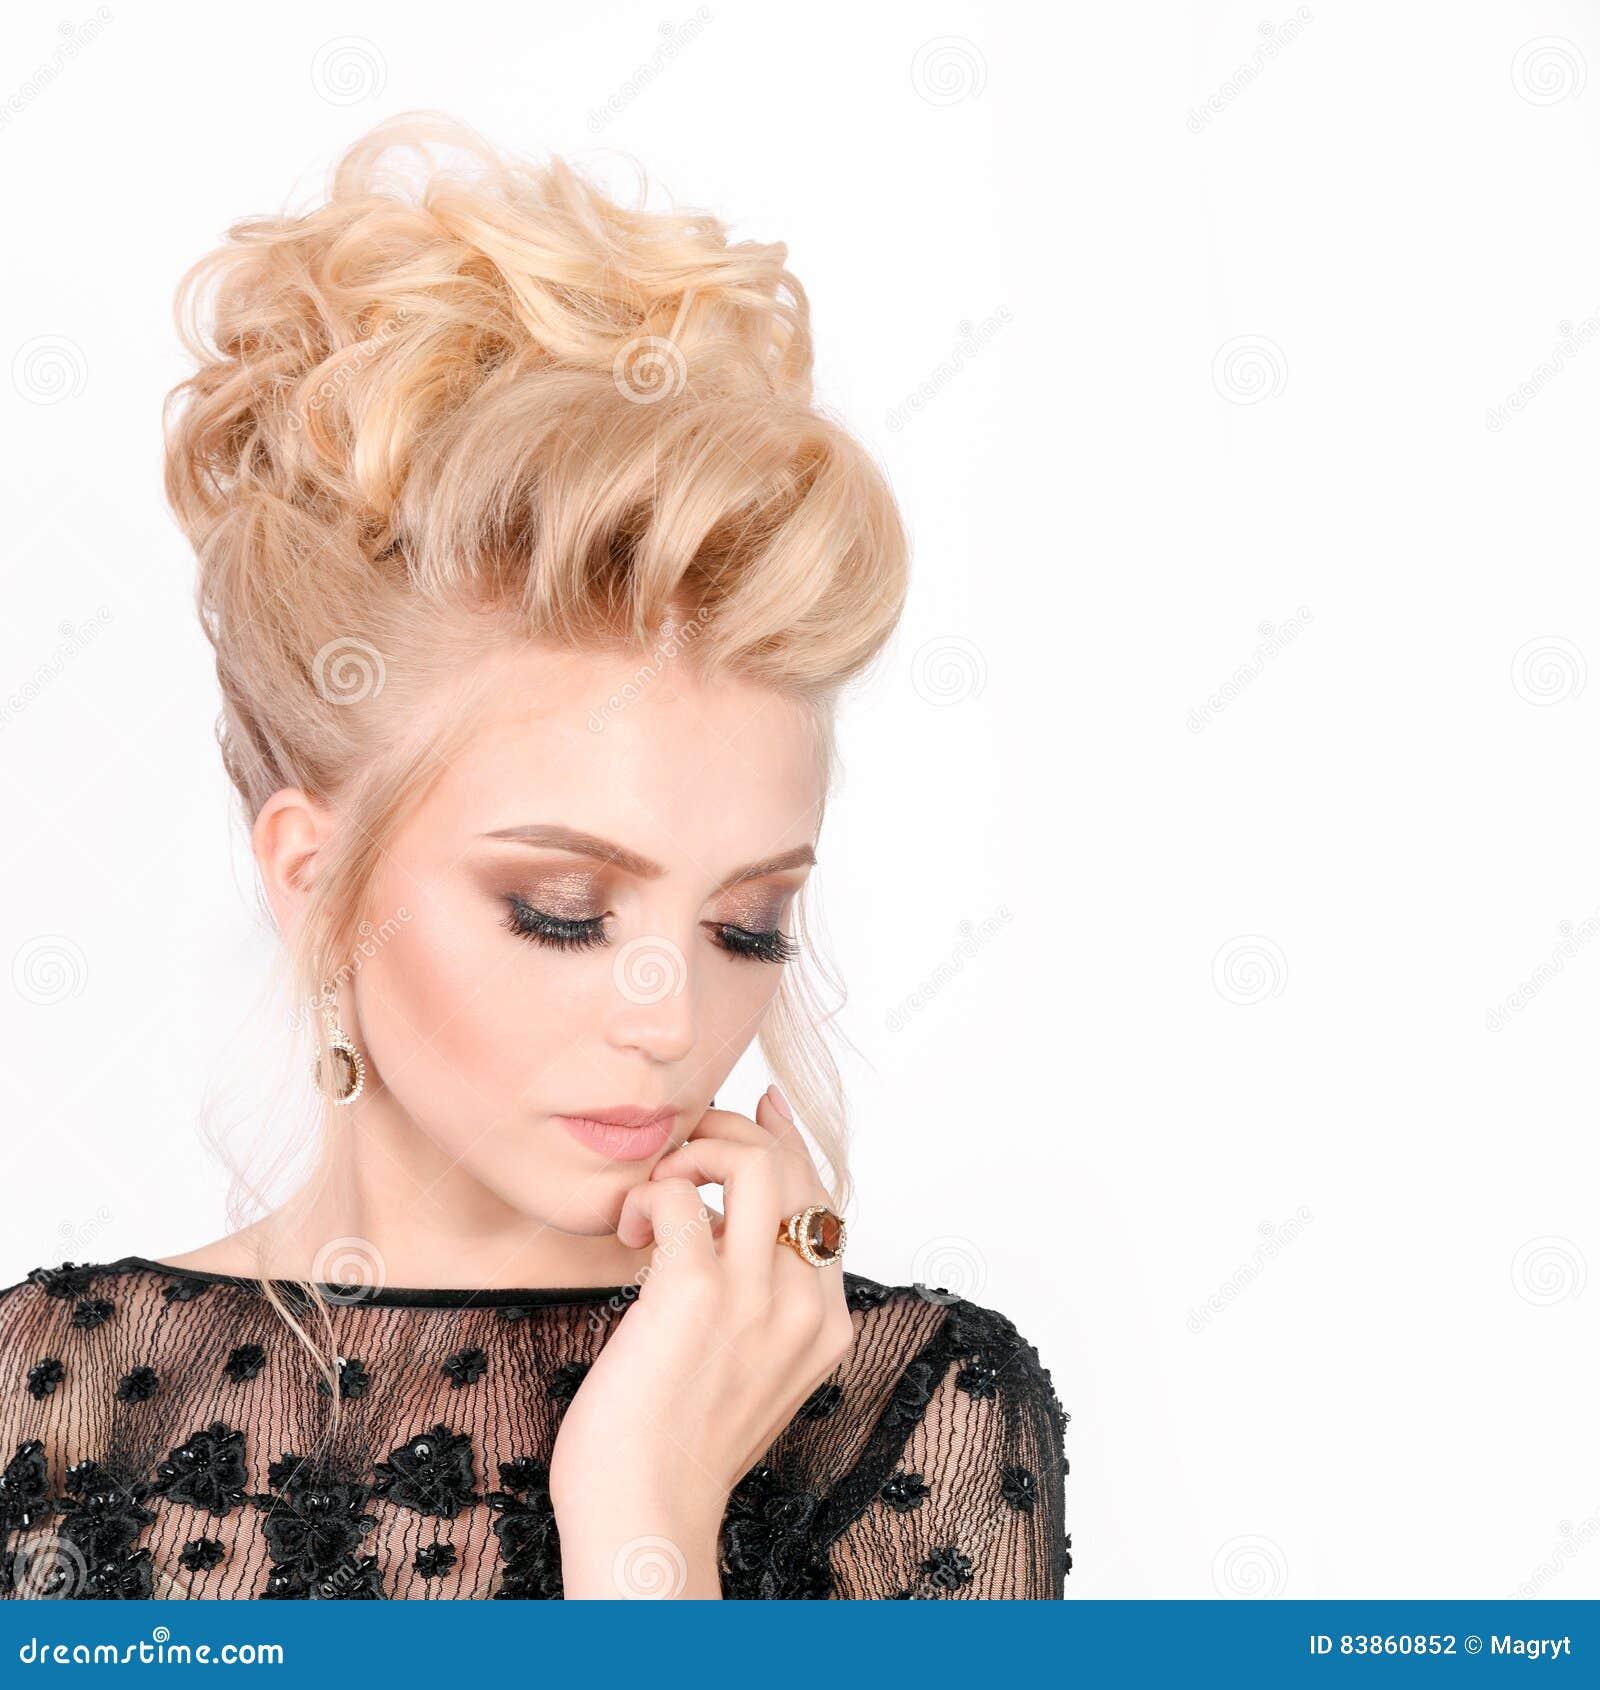 Schone Blondine Im Eleganten Schwarzen Abendkleid Mit Updo Frisur